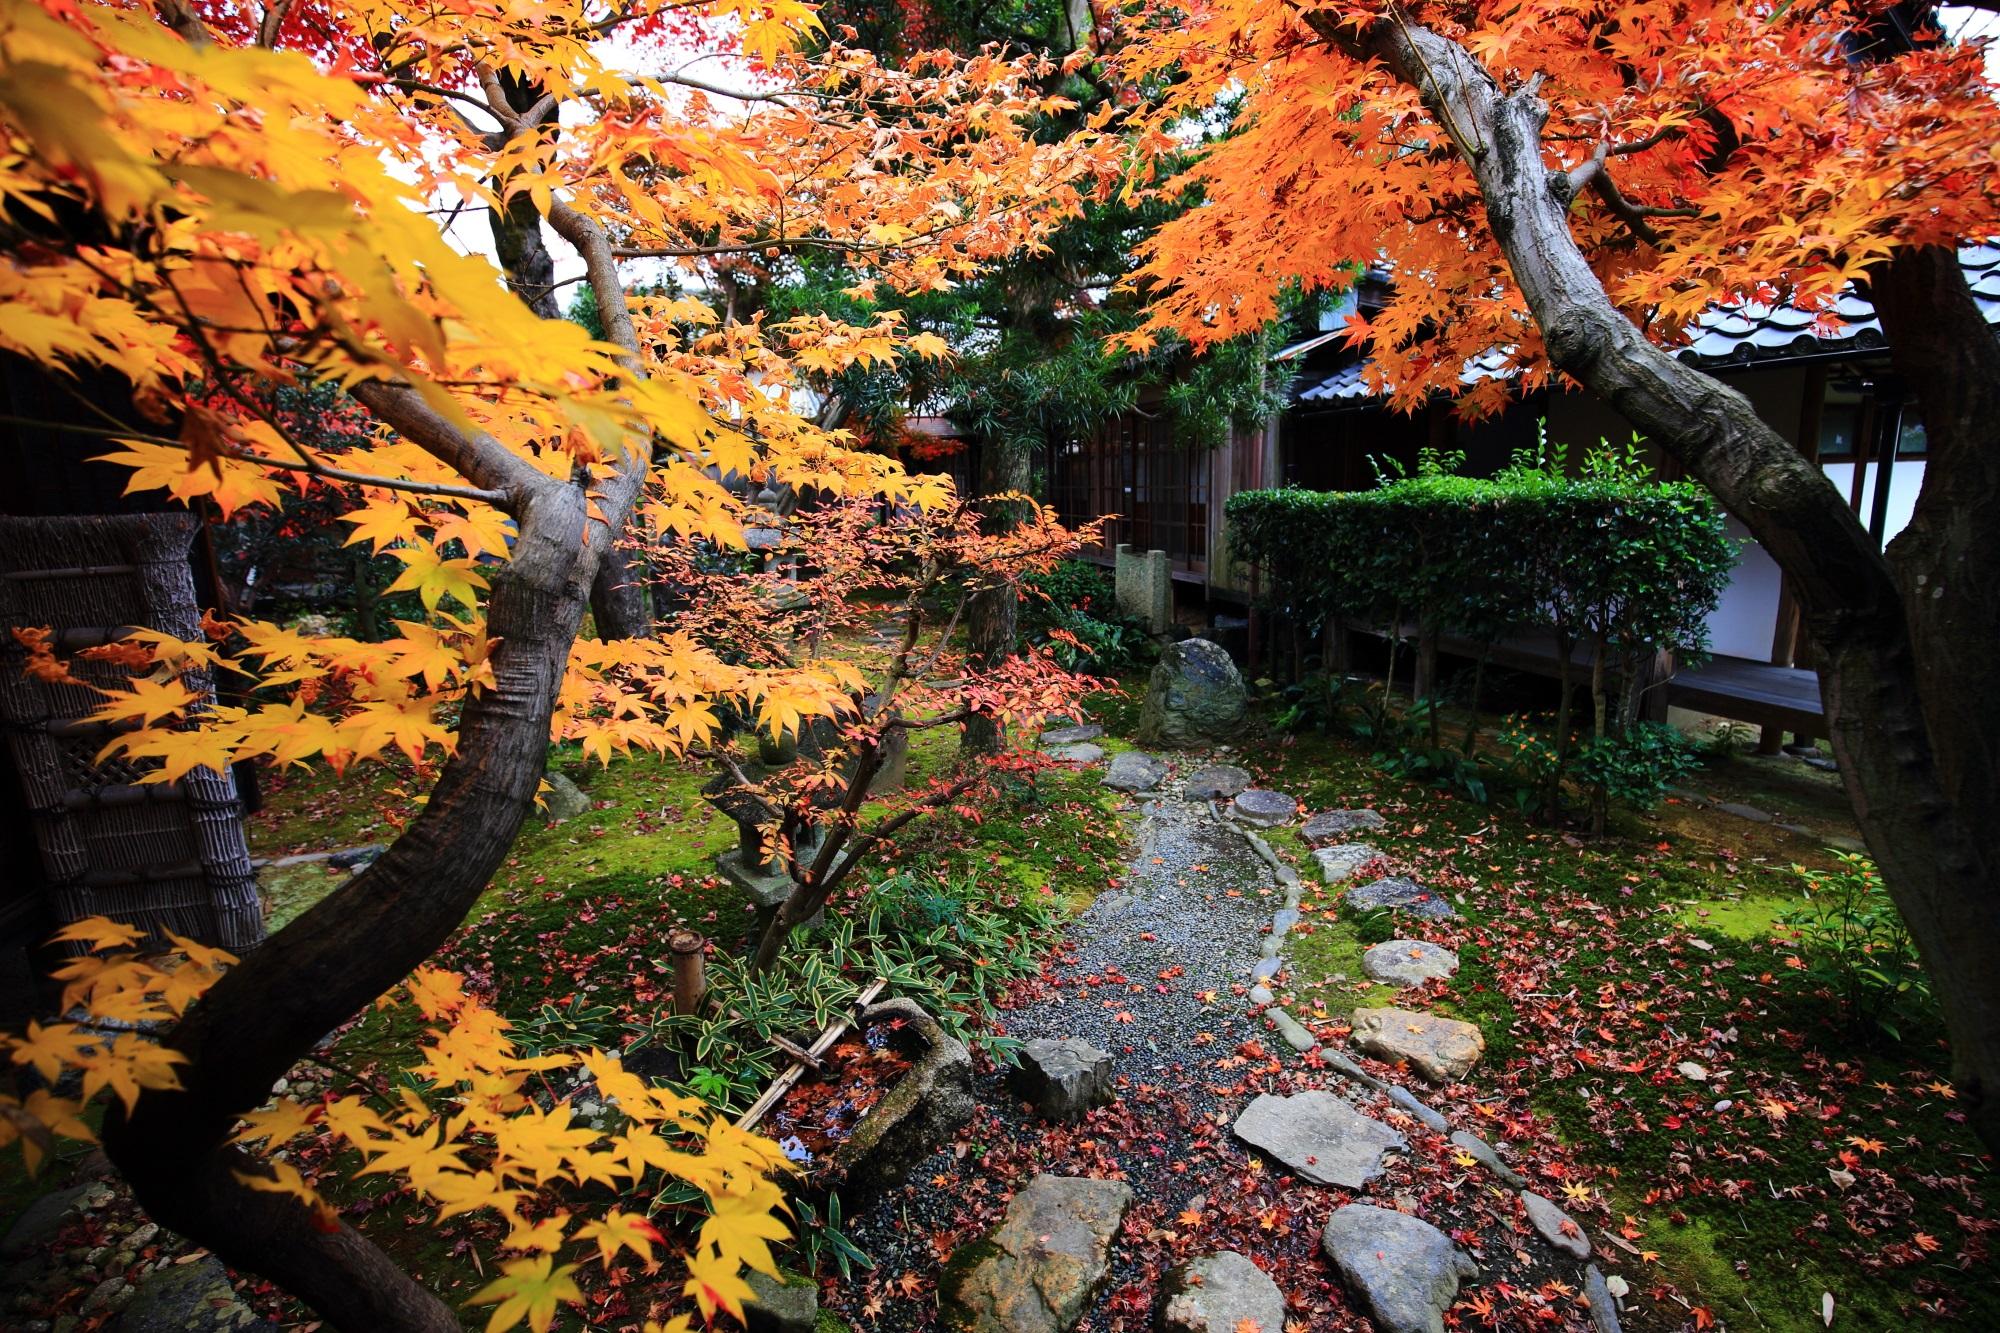 綺麗な紅葉につつまれた鹿王院の茶庭